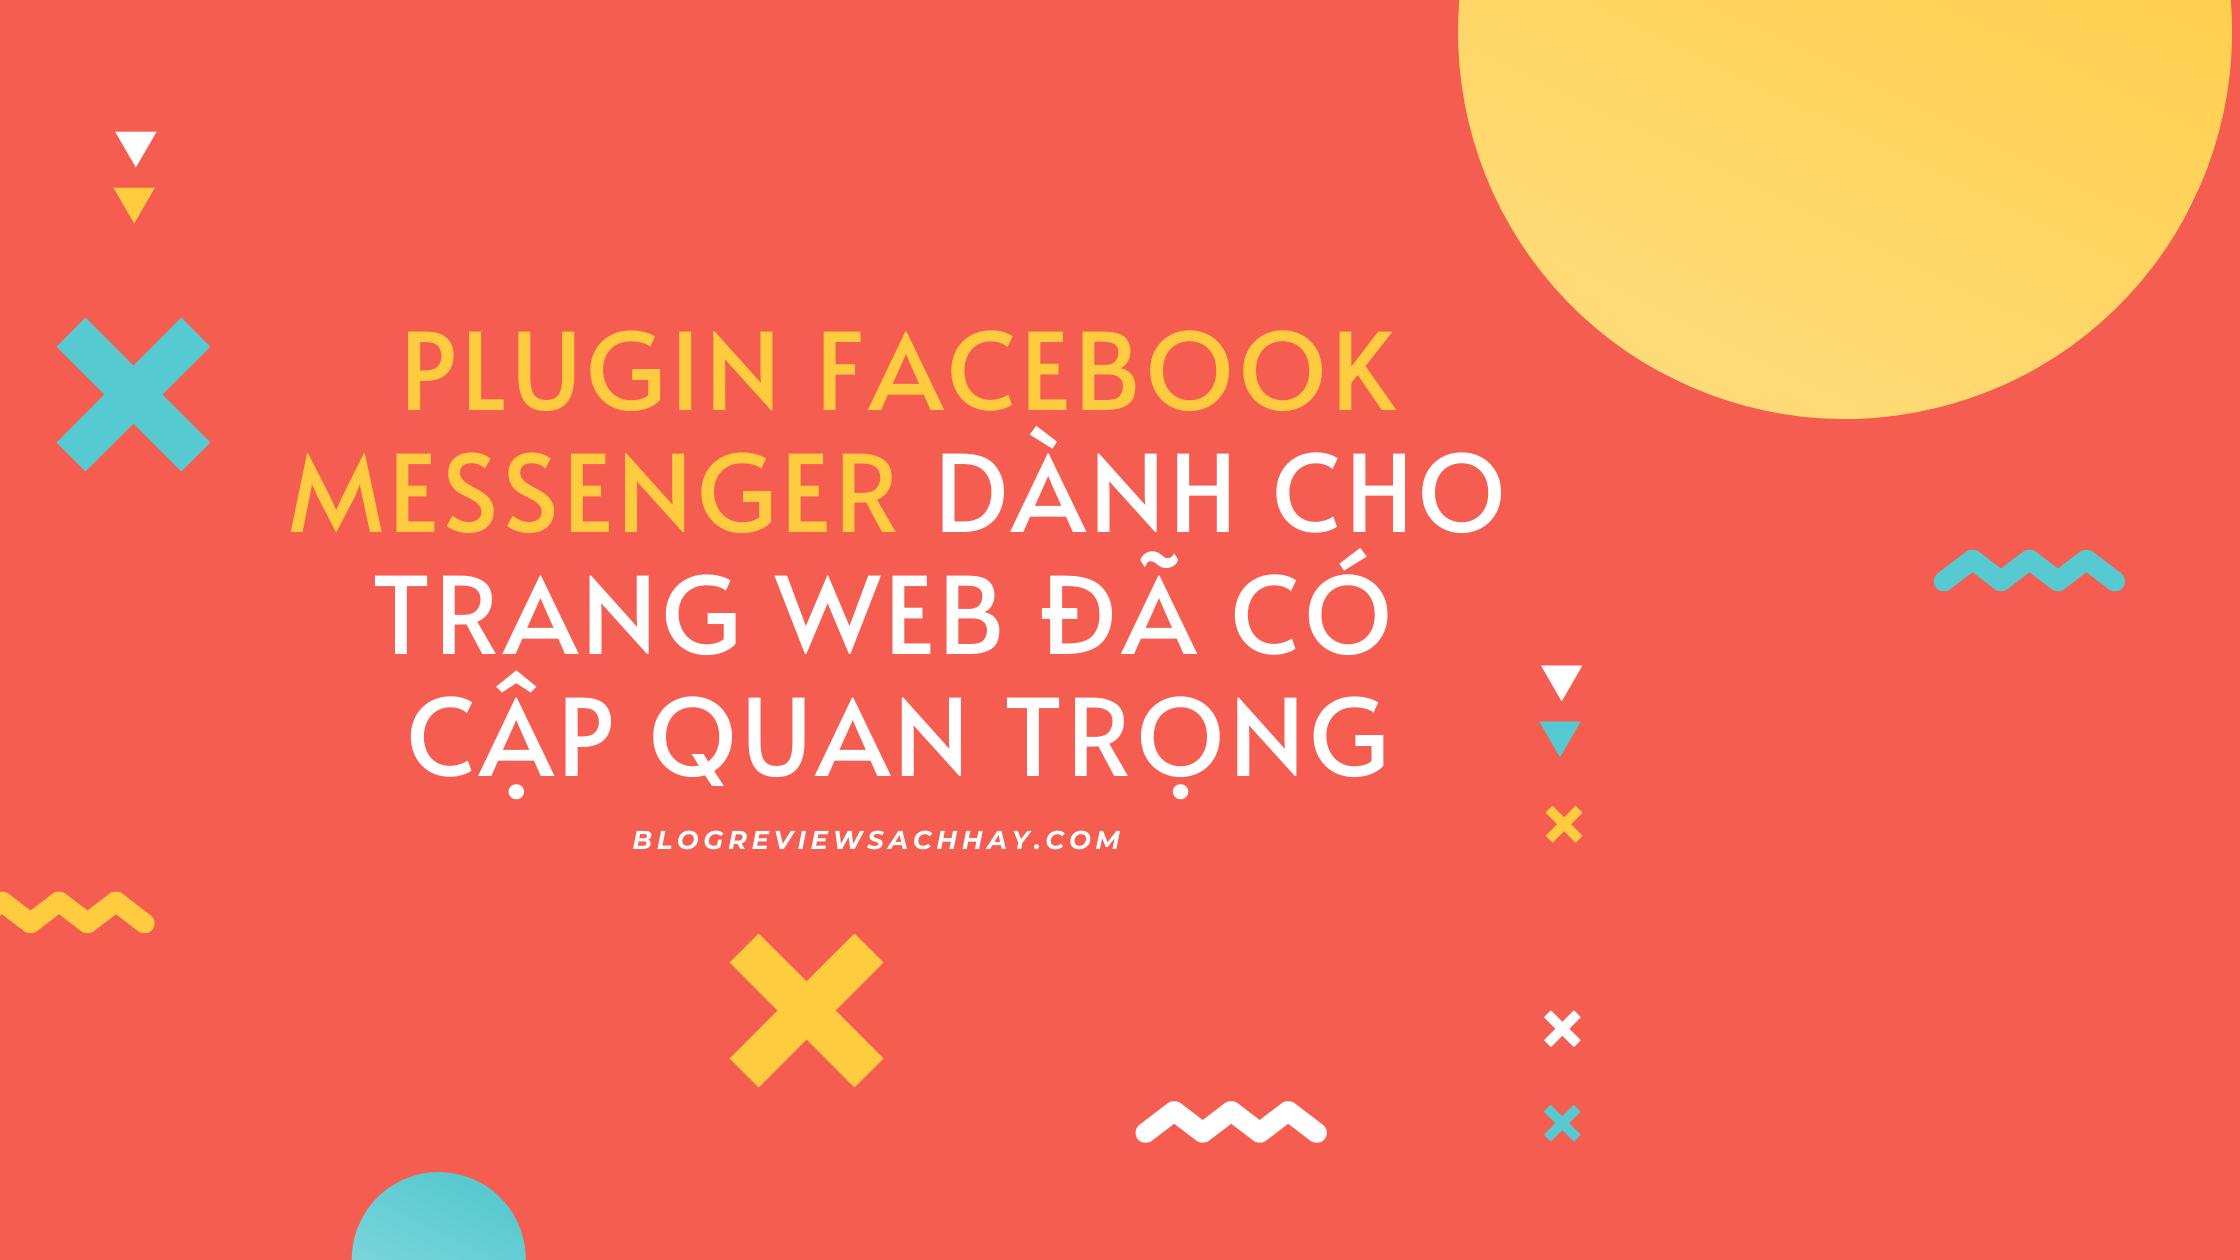 plugin facebook messenger dành cho trang web đã có cập nhật quan trọng - dịch vụ SEO giá rẻ